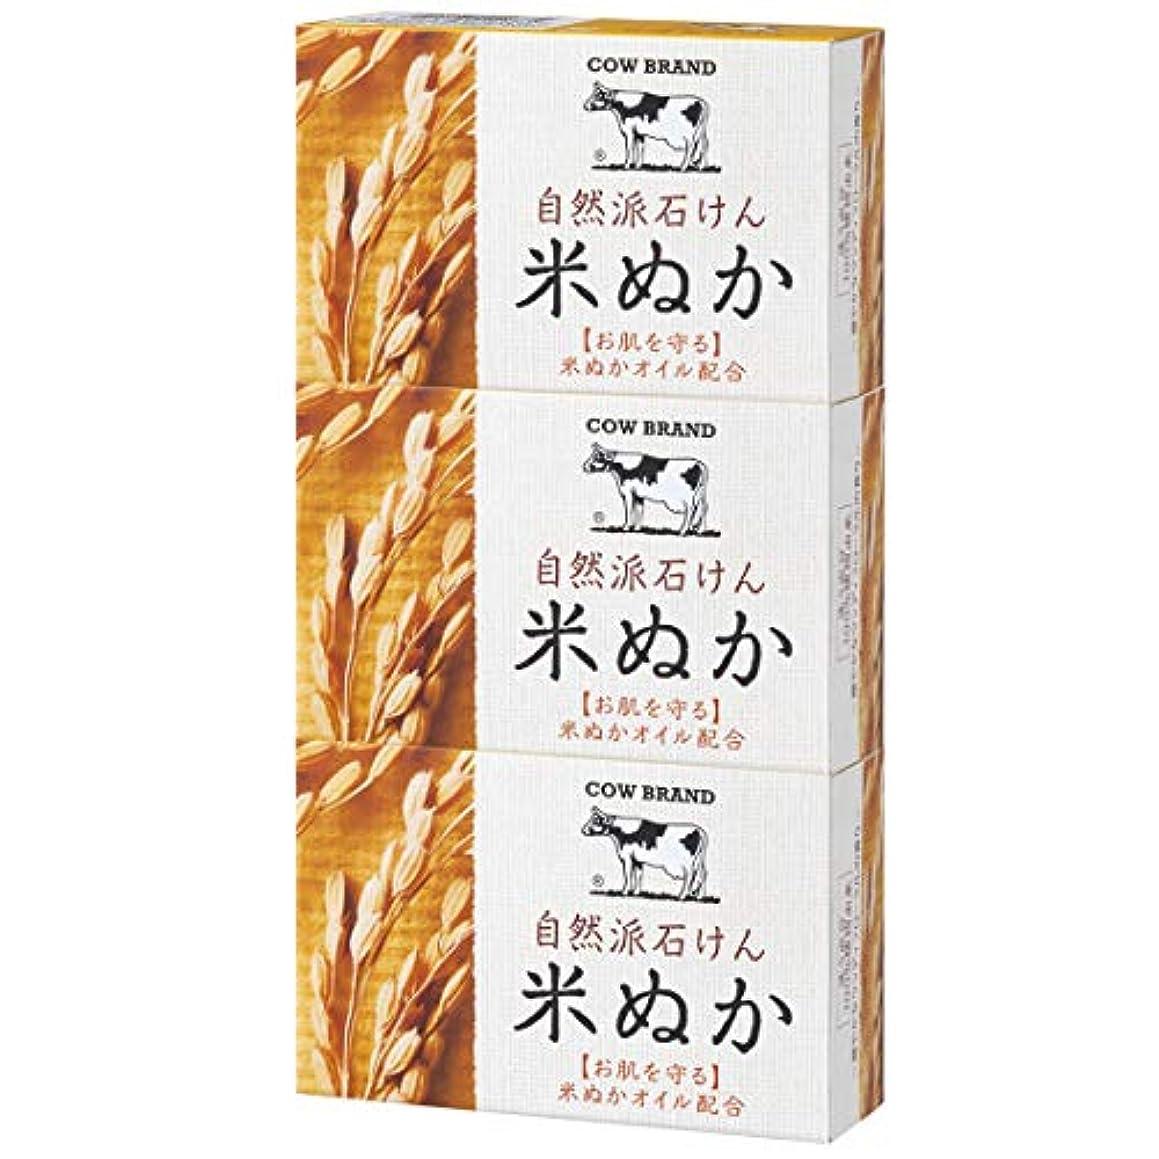 歯科の騒外向きカウブランド 自然派石けん 米ぬか 100g*3個